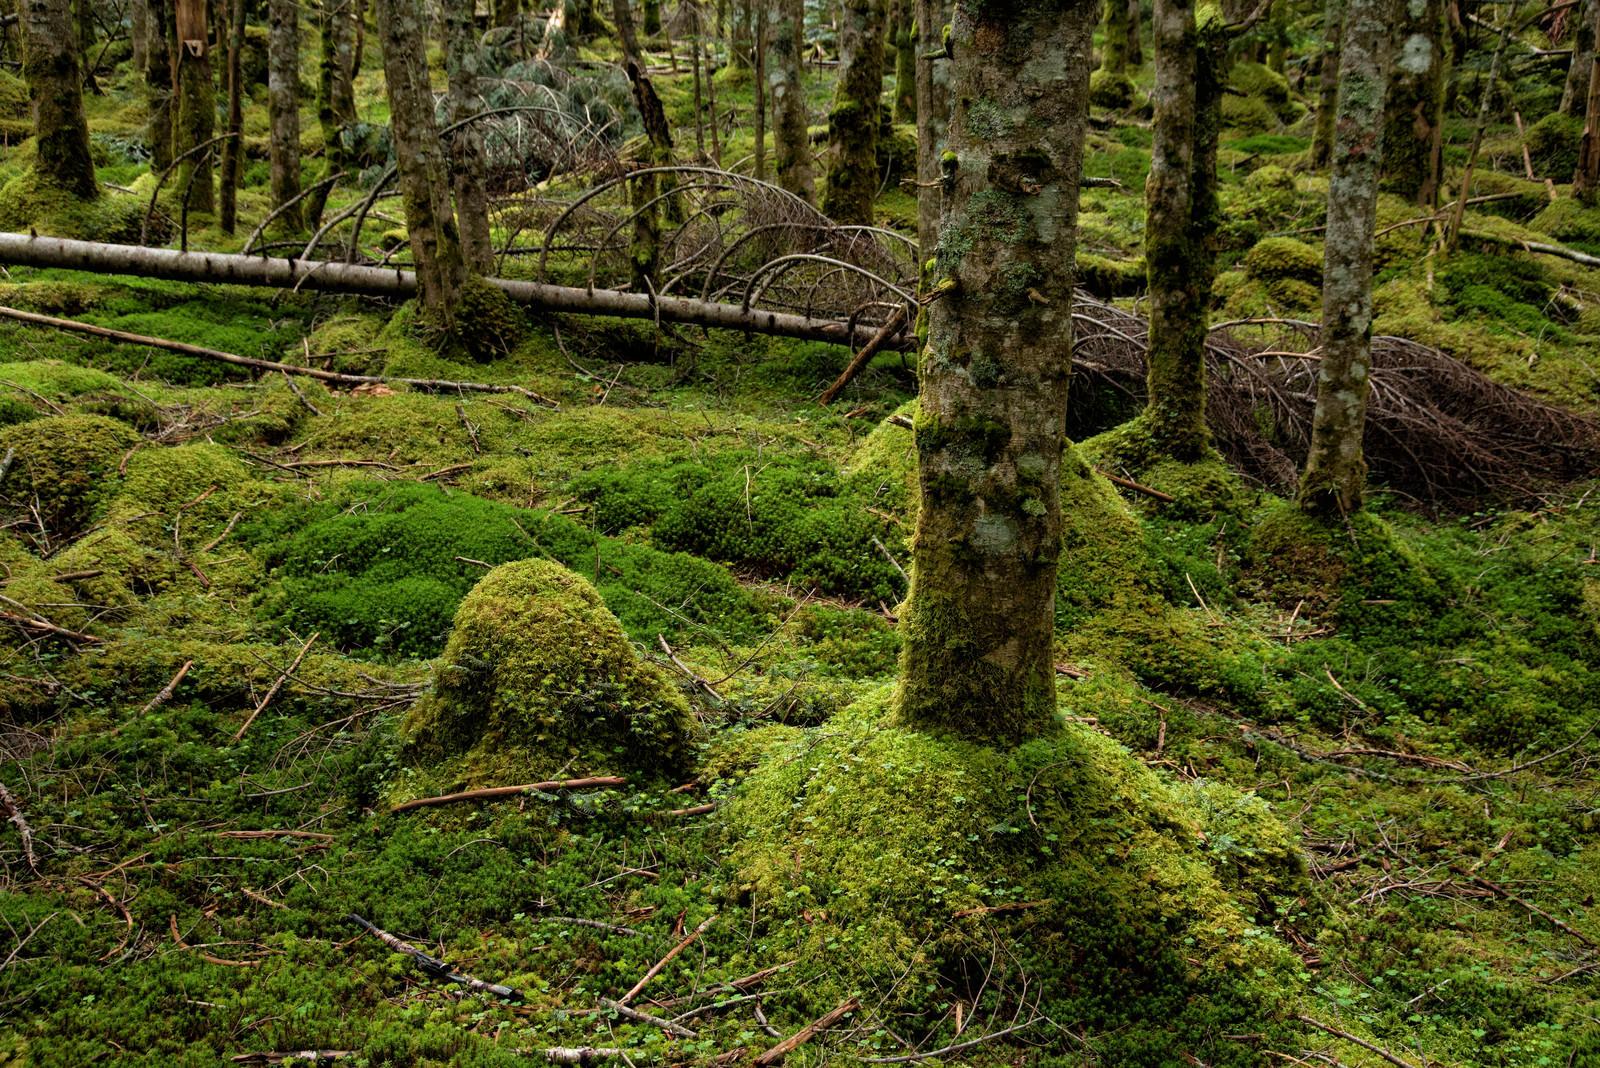 「倒木と苔生す森の大地」の写真